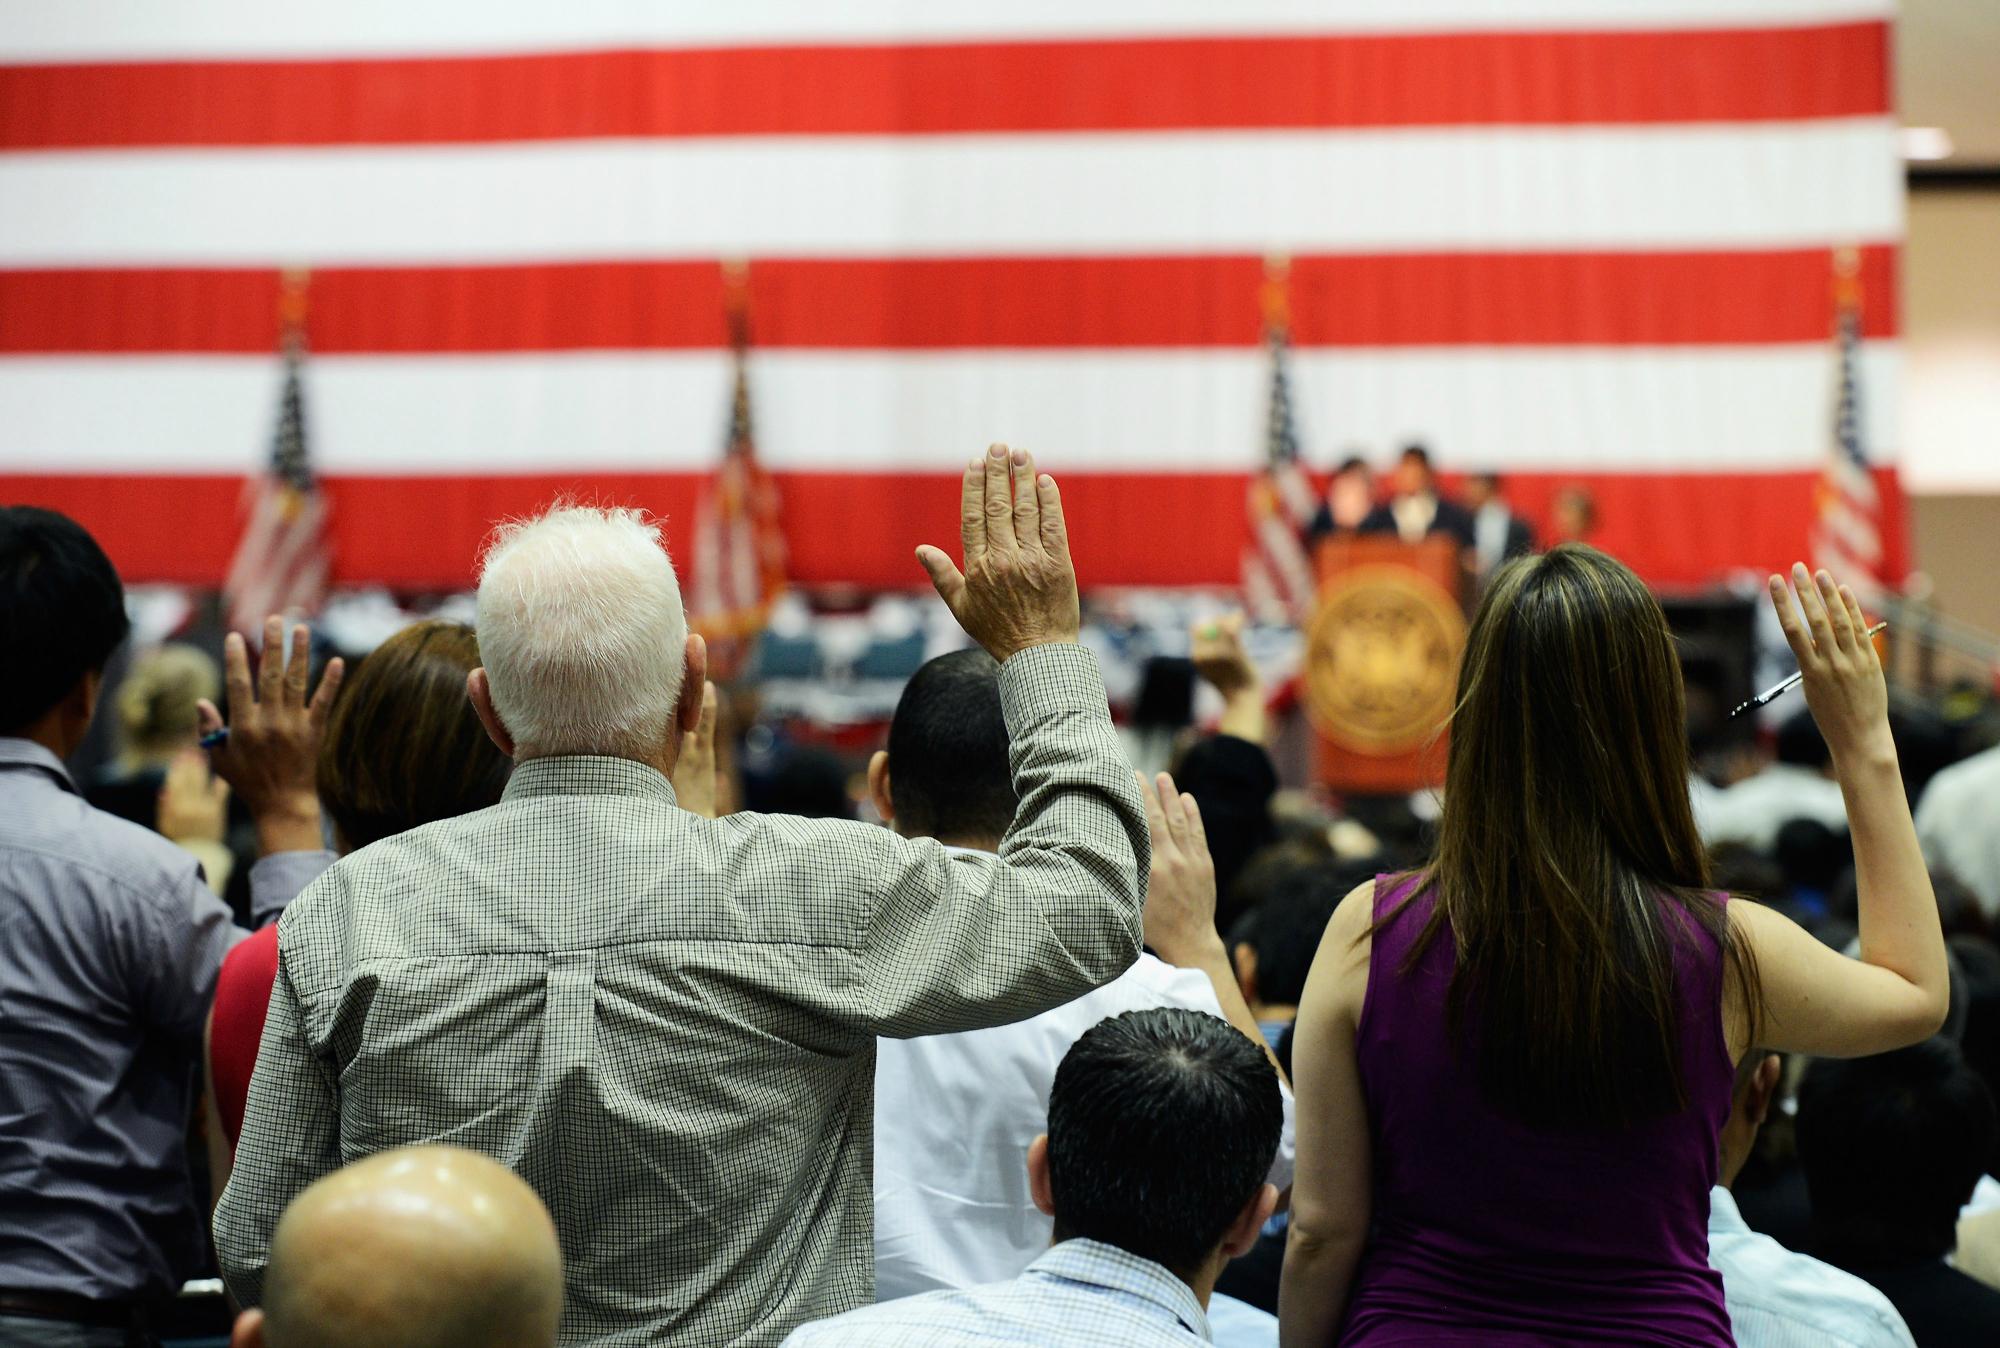 Церемония натурализации состоится в День Независимости США. Фото: dailyyonder.com